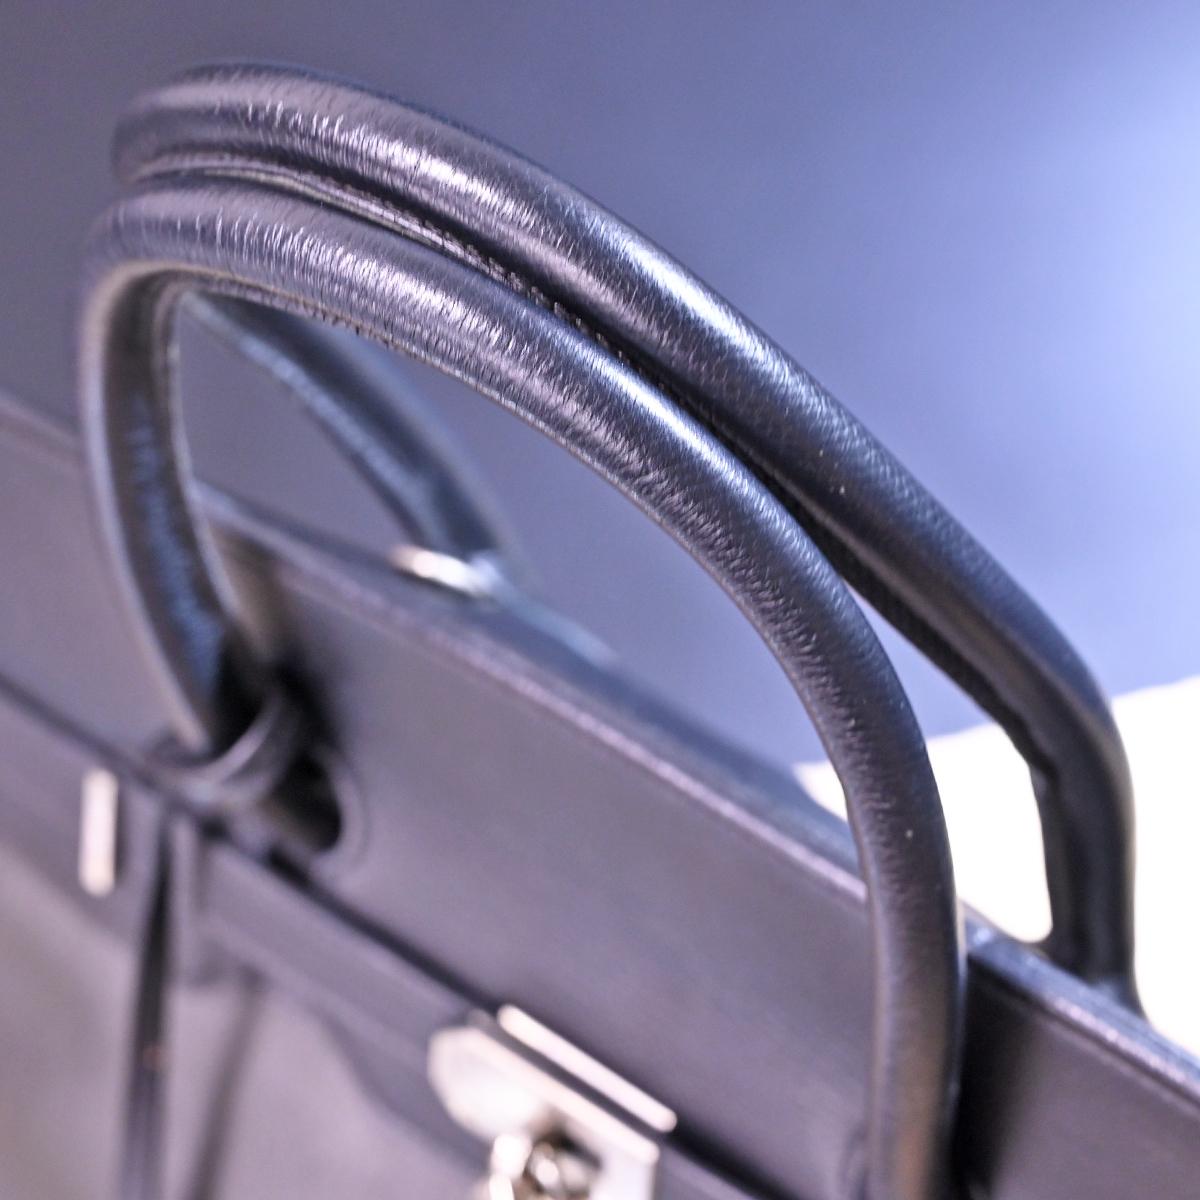 本物 チェレリーニ 極希少 ラージサイズ 2WAYフルレザー鍵付きメンズダッフルバッグ A4書類バーキン型ビジネスバッグ CELLERINI_画像5